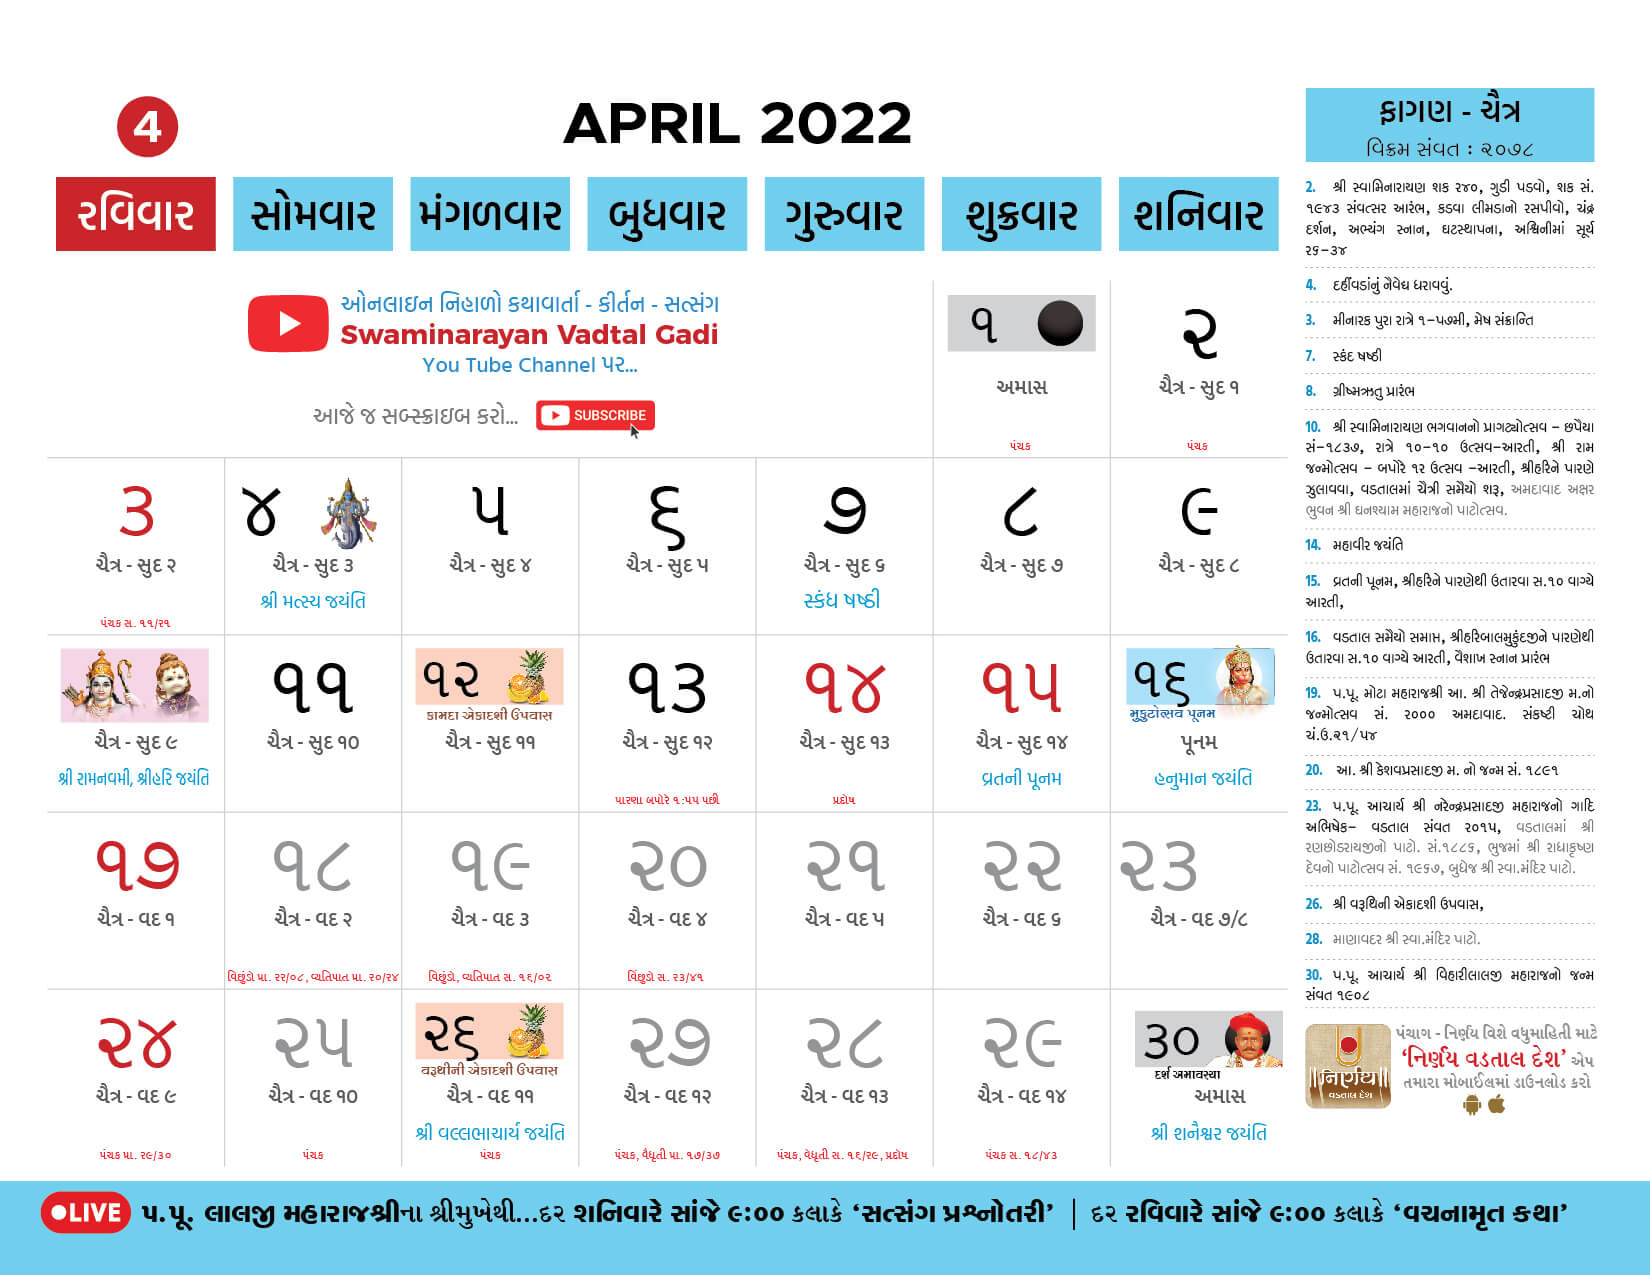 Apr 2022